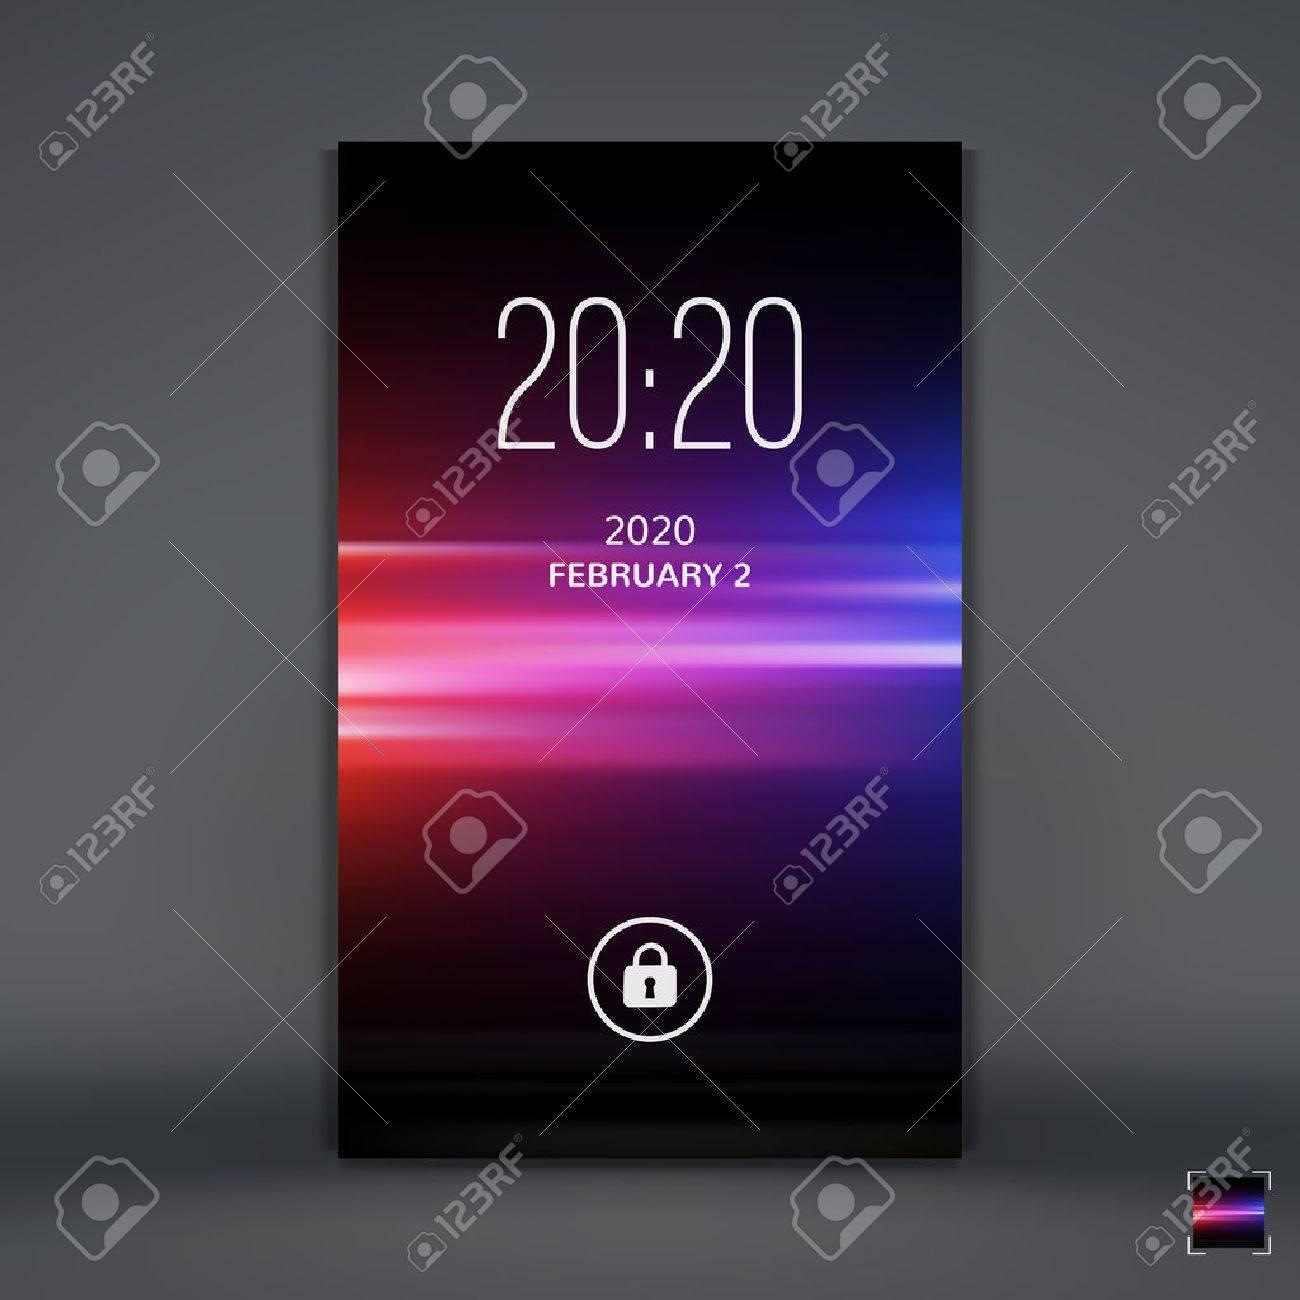 モバイルアプリのモダンなロック画面 携帯電話の壁紙 ベクトルの図 のイラスト素材 ベクタ Image